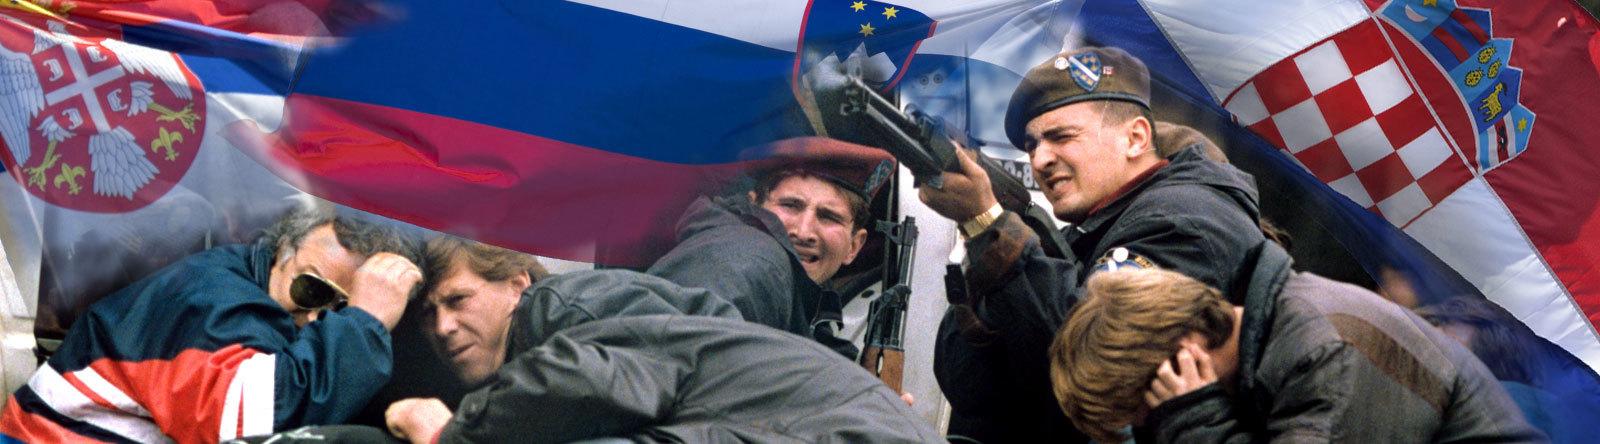 Collage Flaggen Serbien, Kroatien, Slowenien. Ein Soldat erwiedert das Feuer während Passanten mitten in Sarajevo in Deckung gehen, aufgenommen am 06.04.1992.